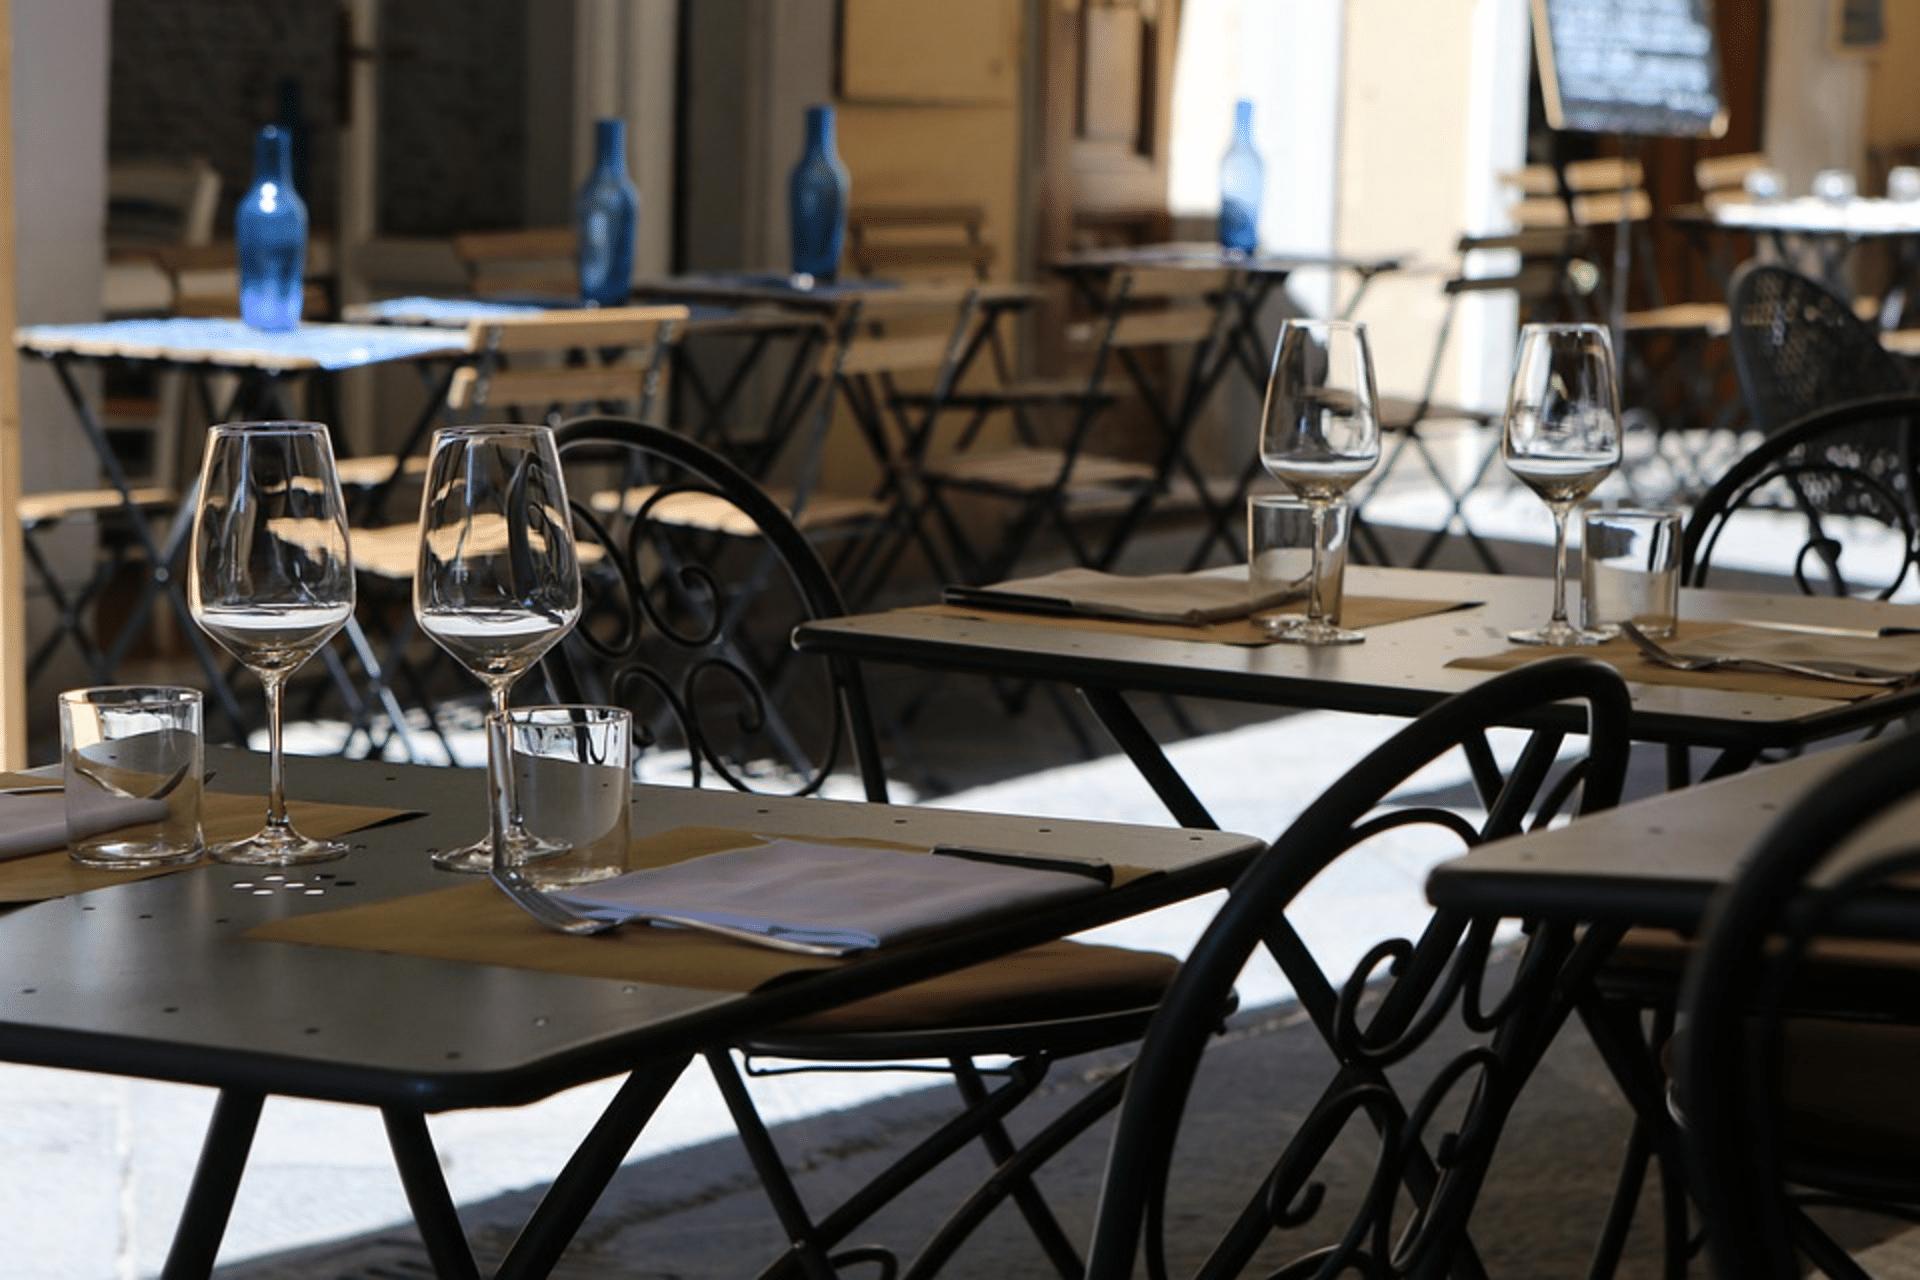 Ouverture des bars et restaurants : une lueur d'espoir pour la mi-mai